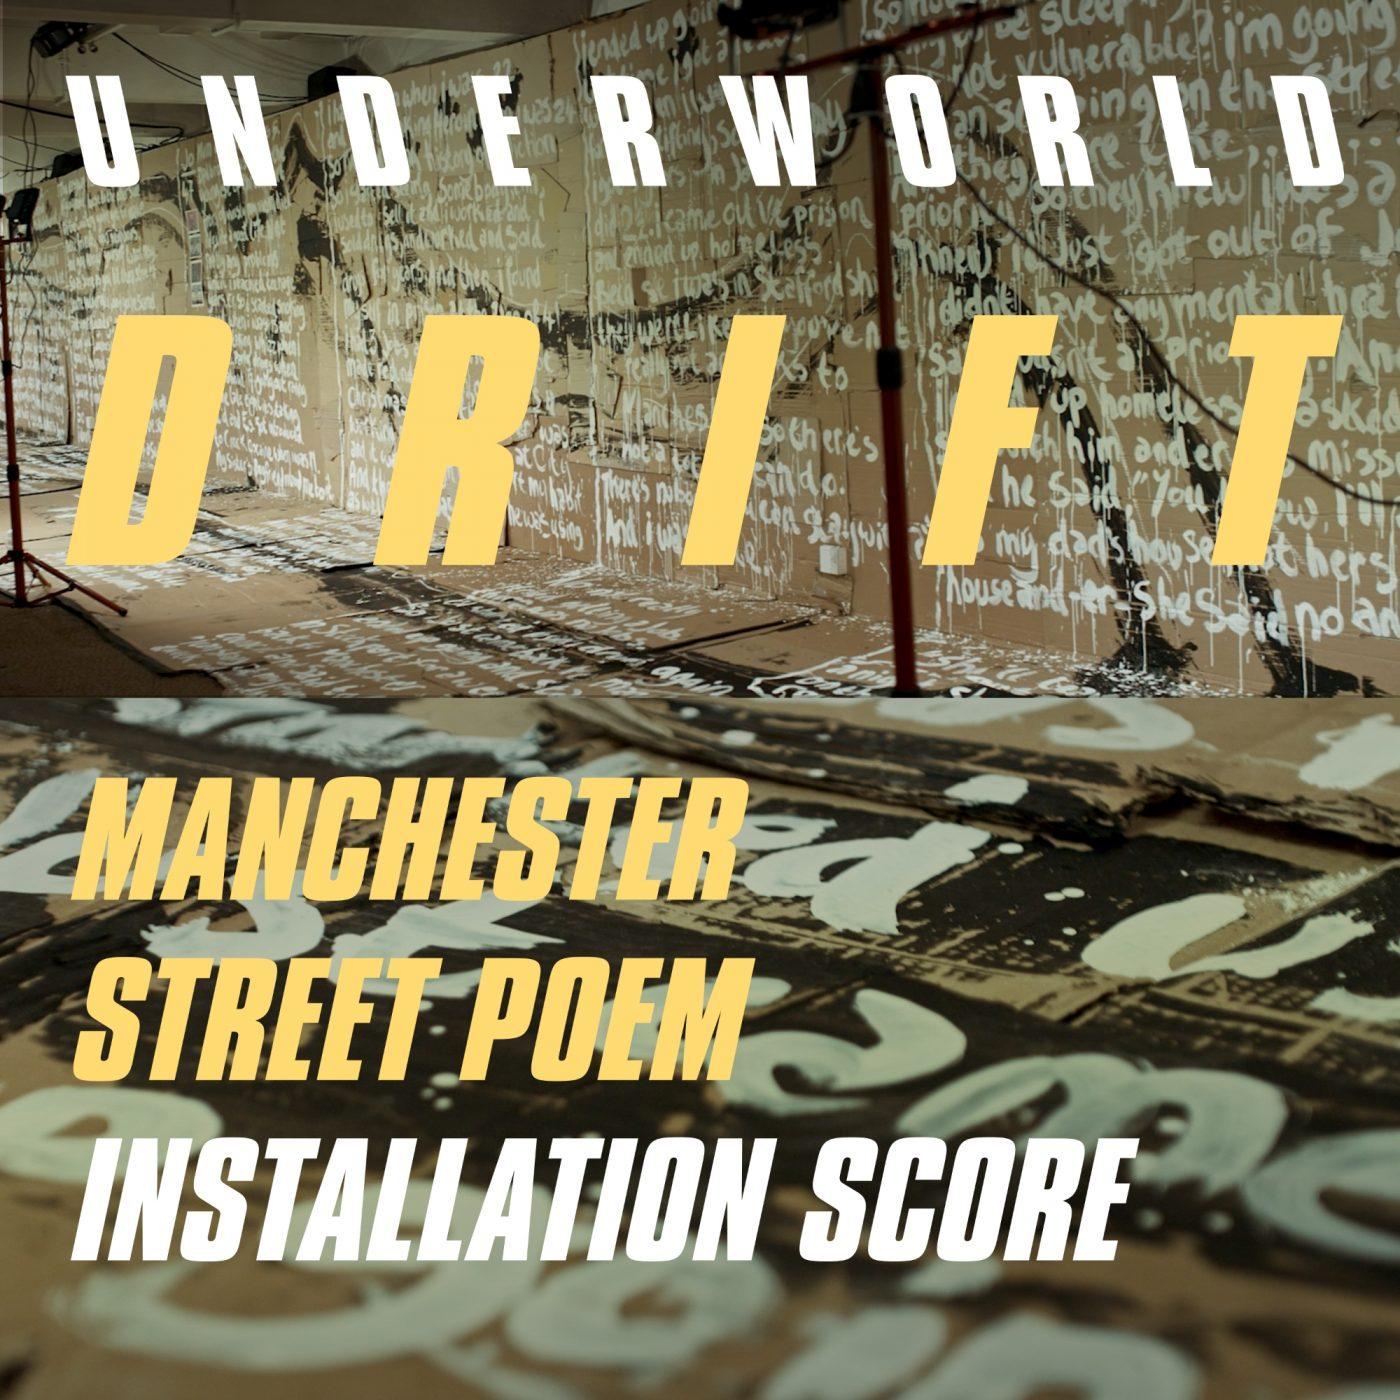 Manchetser Street Poem Installation Score